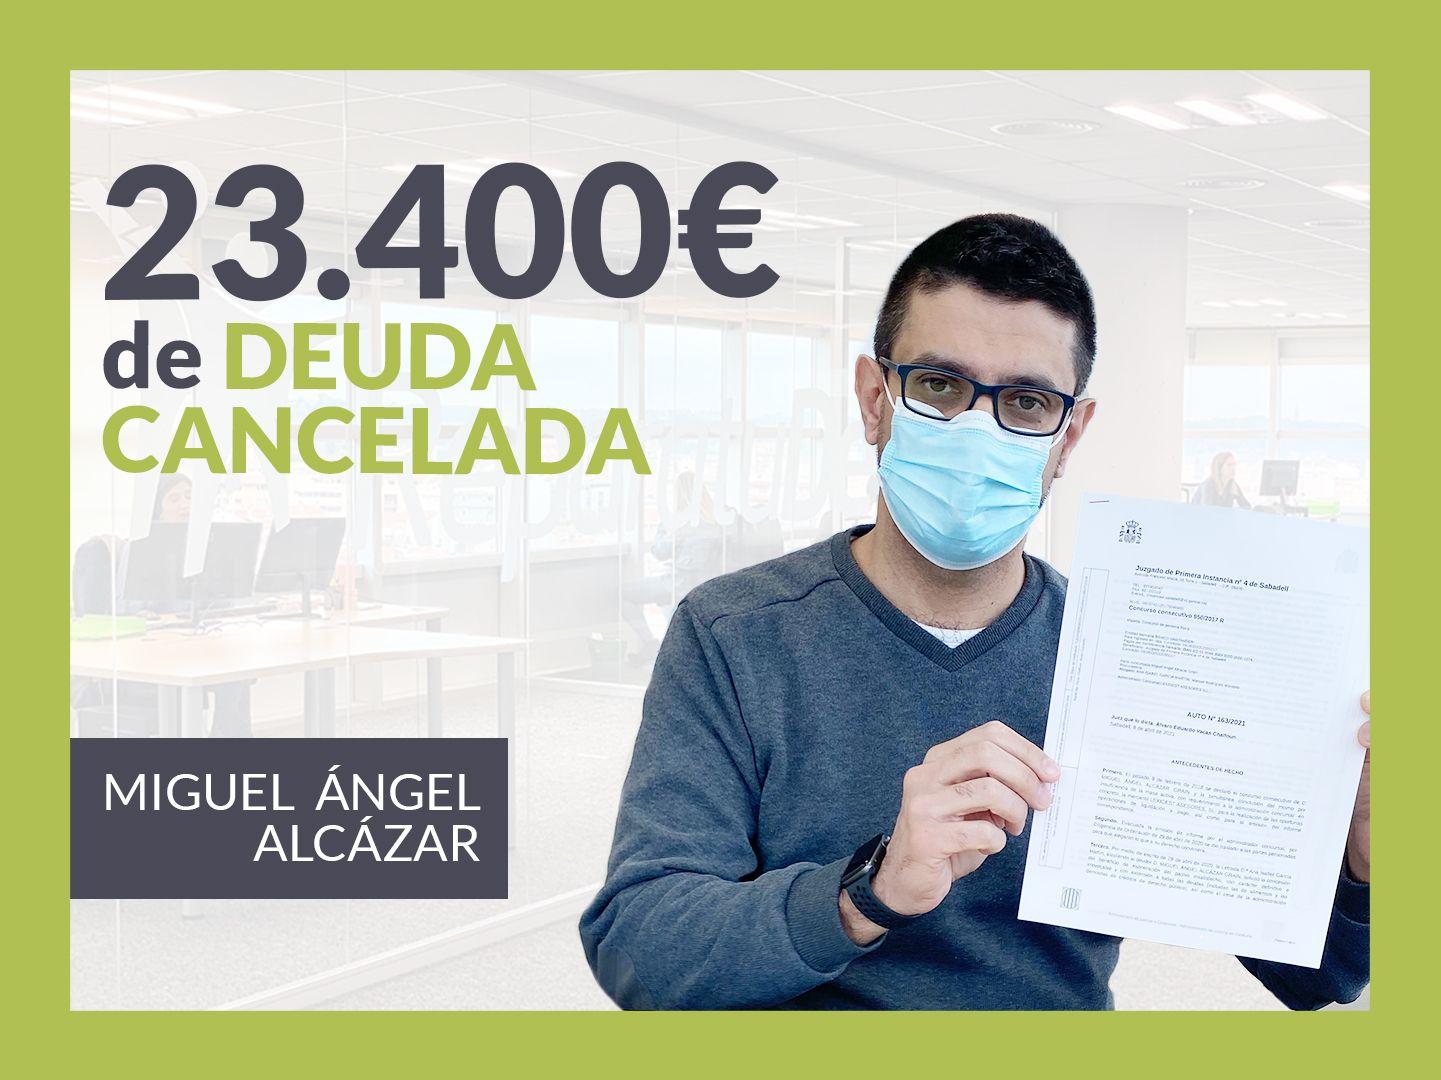 Repara tu Deuda Abogados cancela 23.400 ? en Sabadell (Barcelona) con la Ley de Segunda Oportunidad